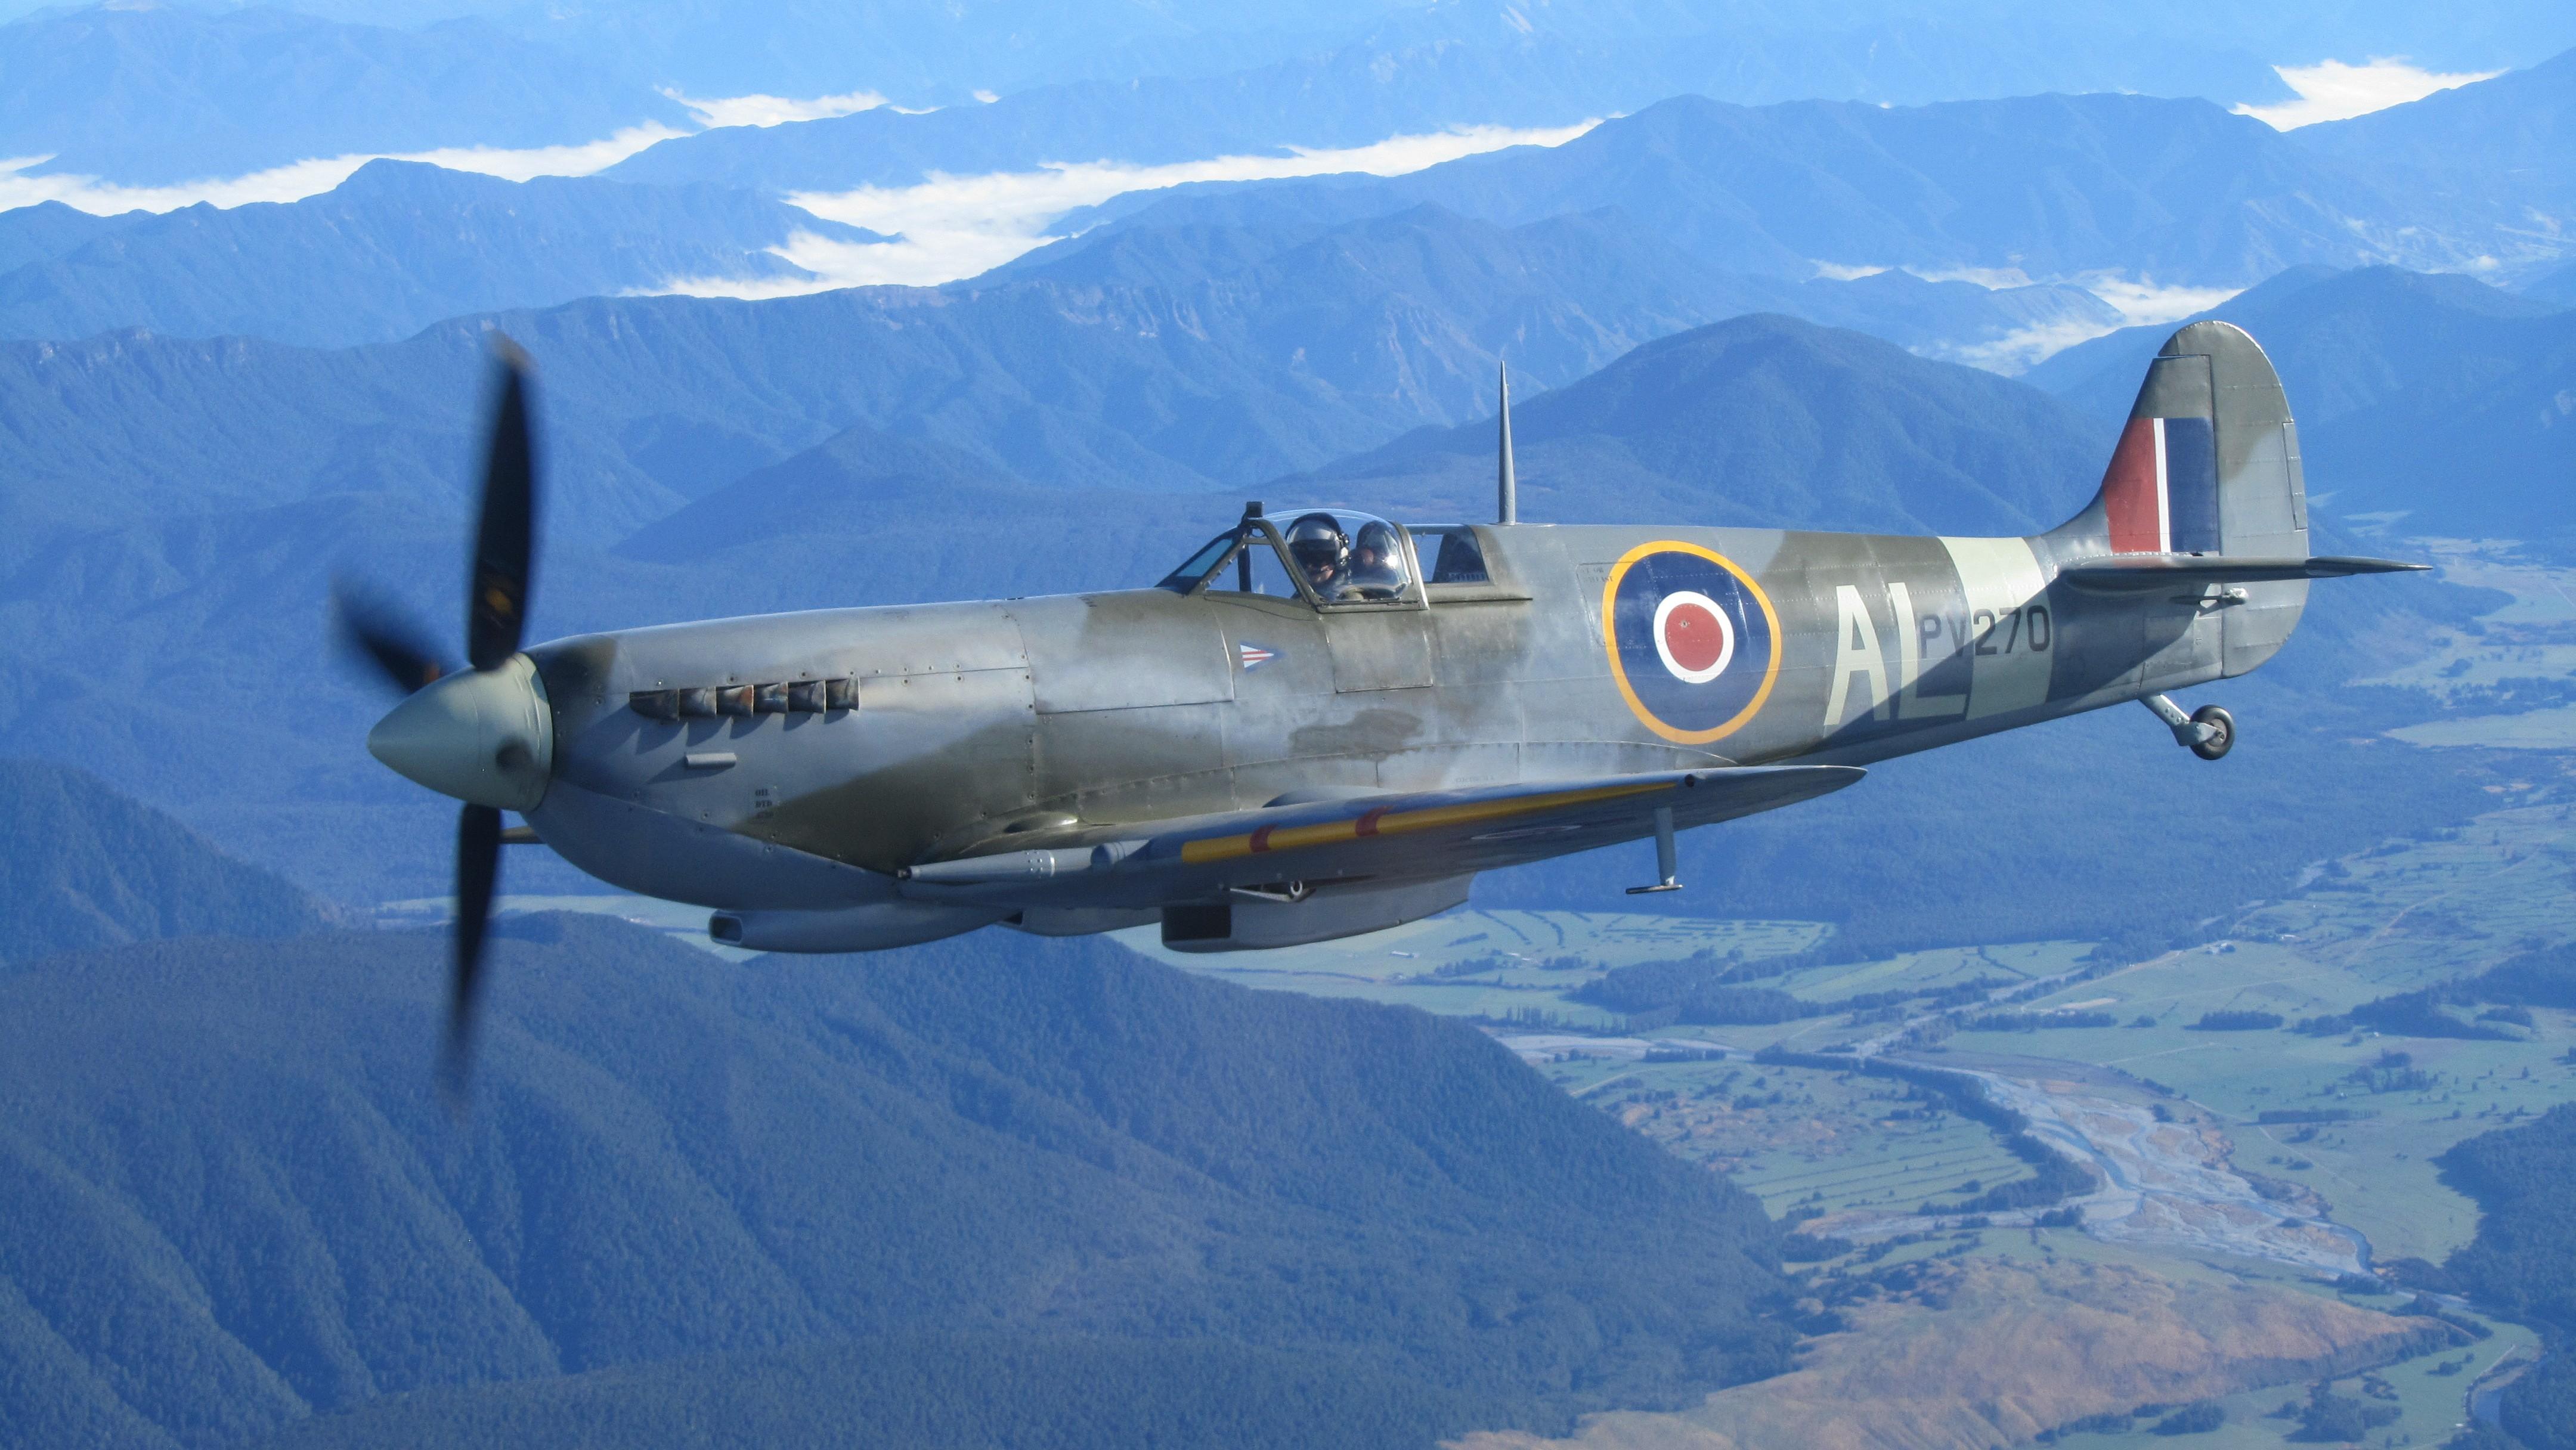 Fondos De Vehiculos: Spitfire Hd 1920x1200 Imagenes Wallpapers Gratis Vehiculos